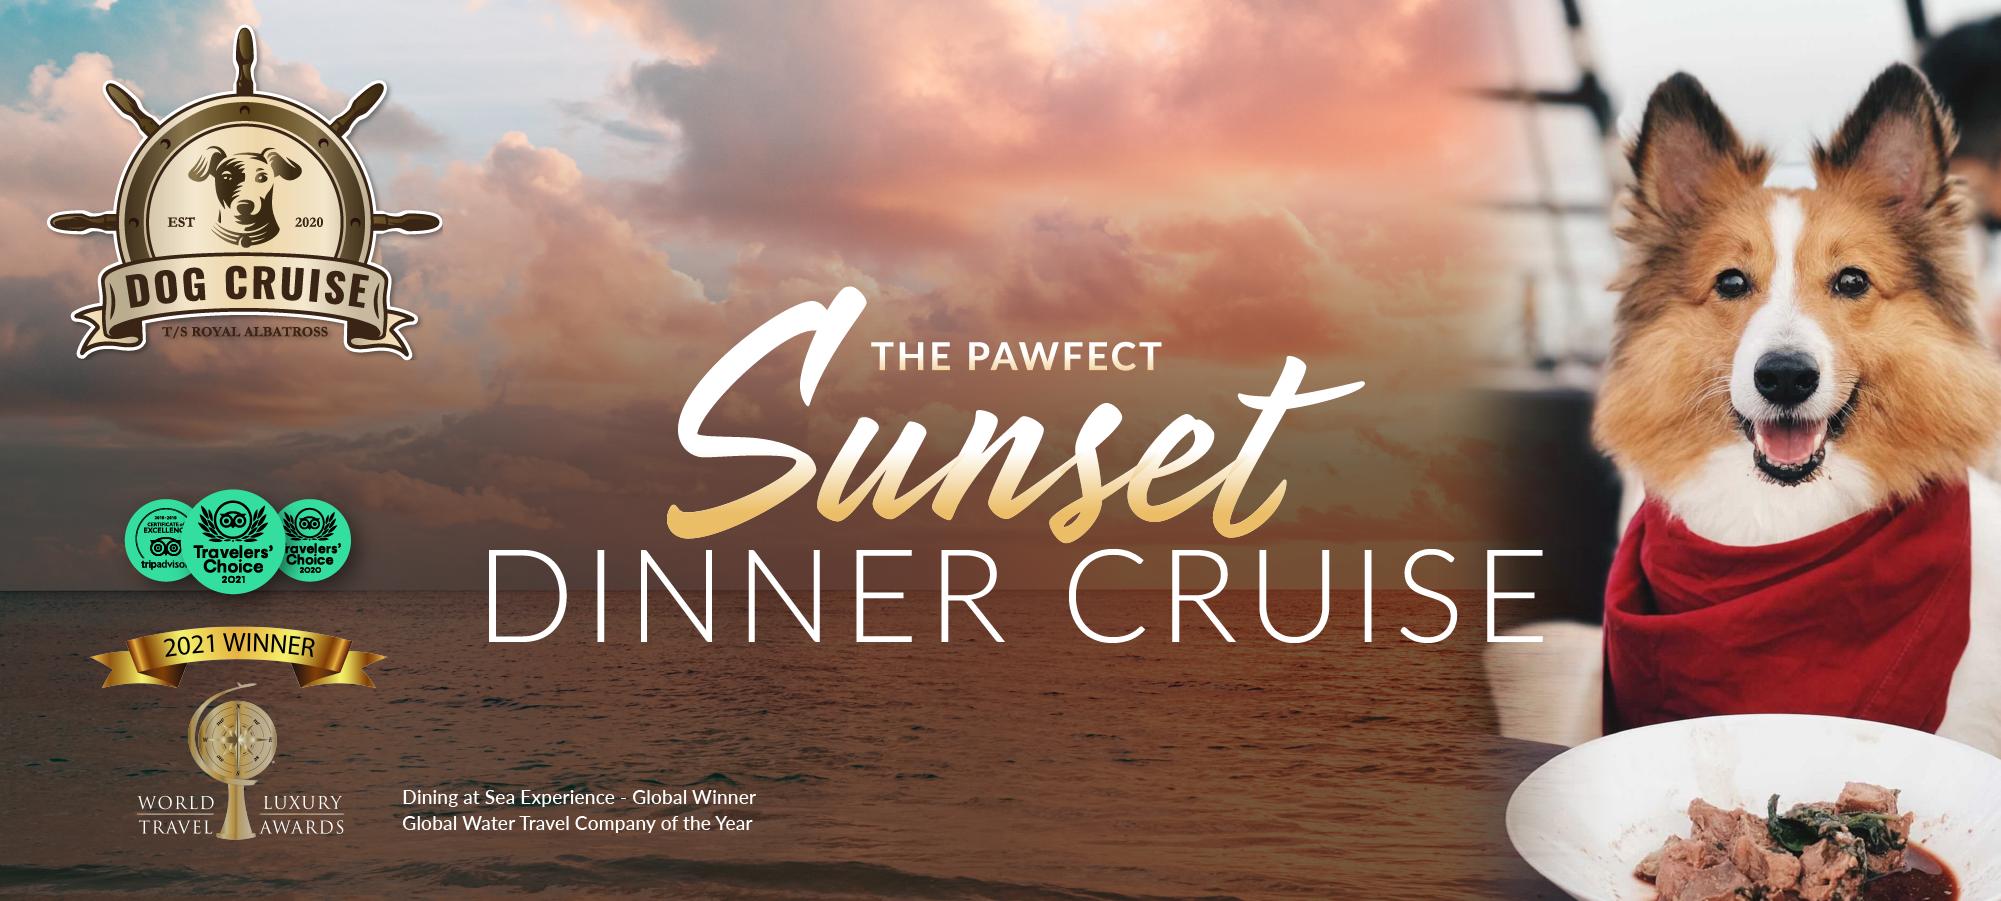 Dog Cruise Sunset Dinner Cruise